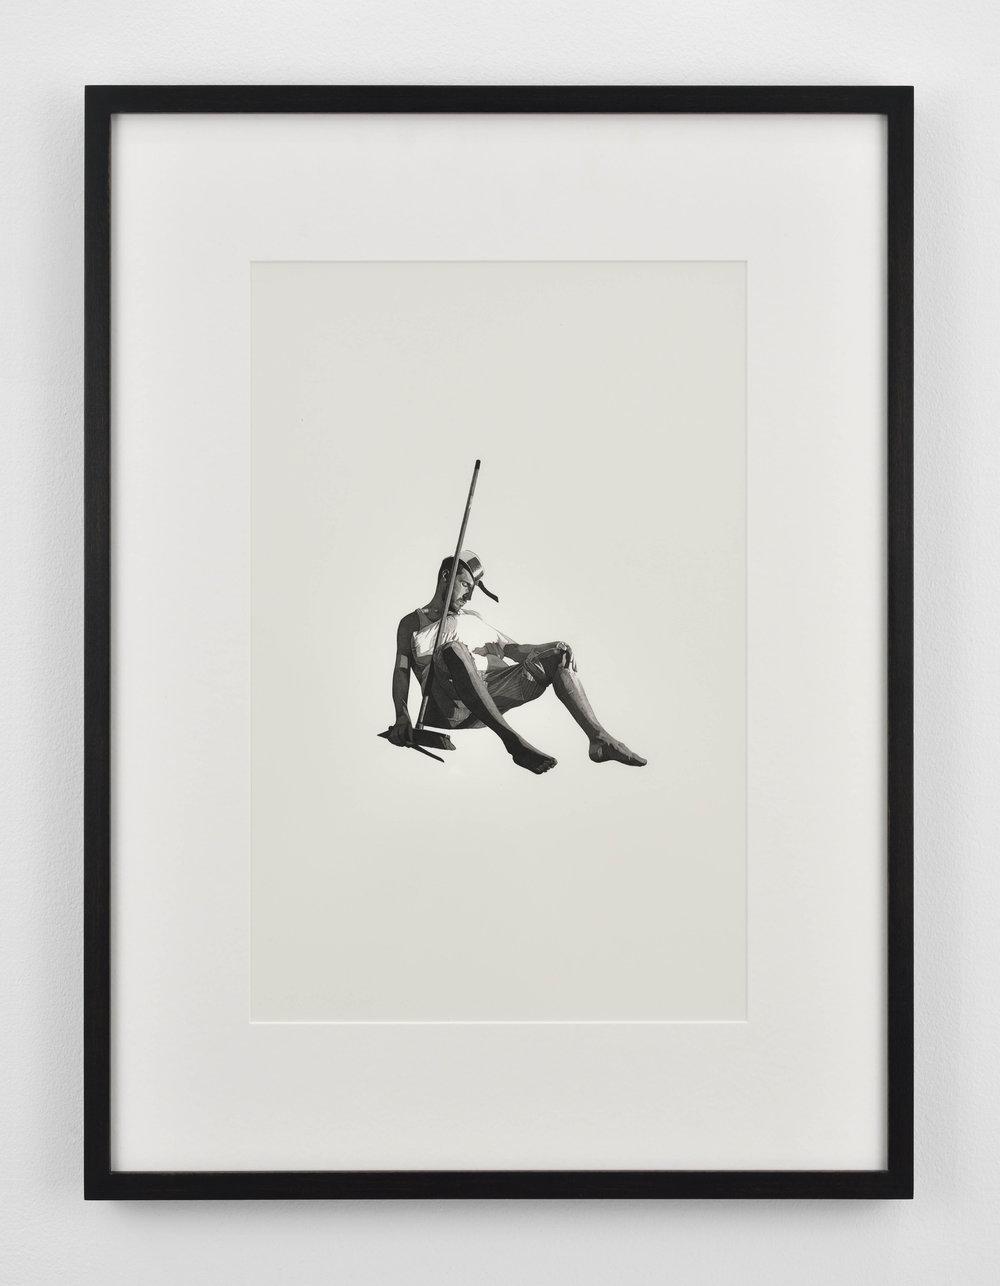 Fabien Mérelle  Ensommeillé  2017 ink and watercolor on paper 60 x 47,5 x 3,5 cm 23 5/8 x 18 11/16 x 1 3/8 inches